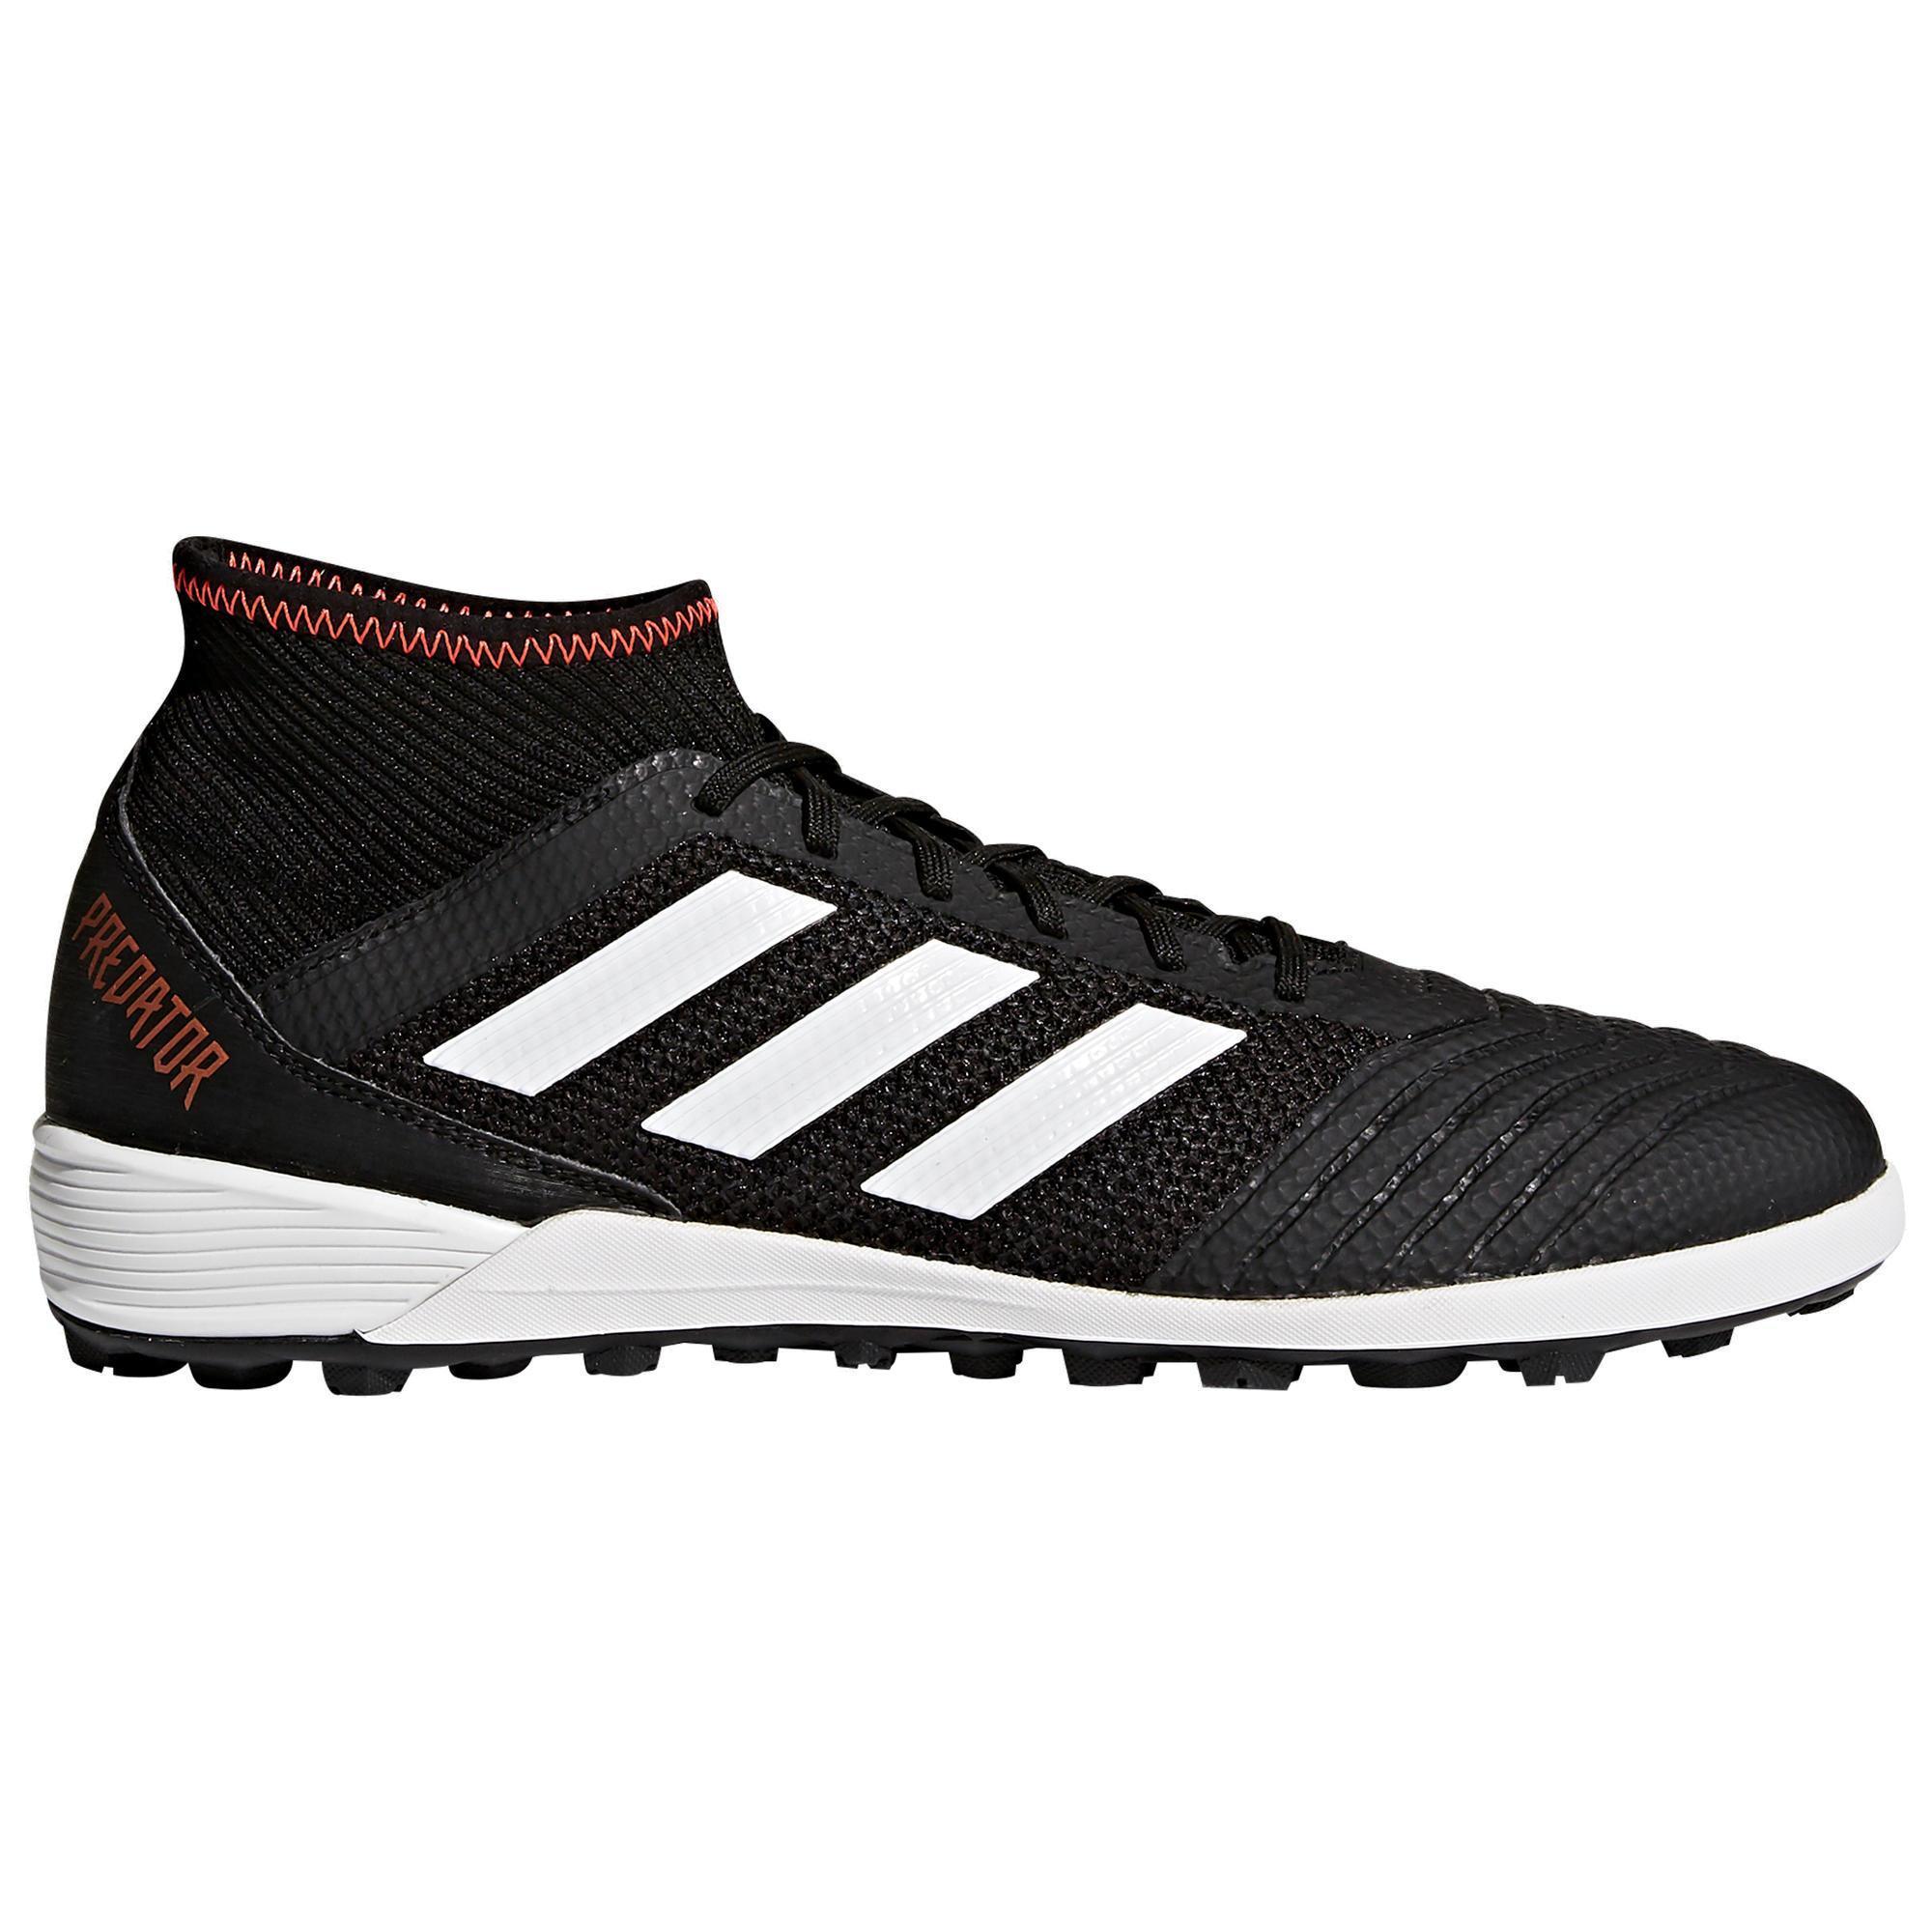 Adidas Voetbalschoenen Predator Tango 18.3 TF voor volwassenen zwart